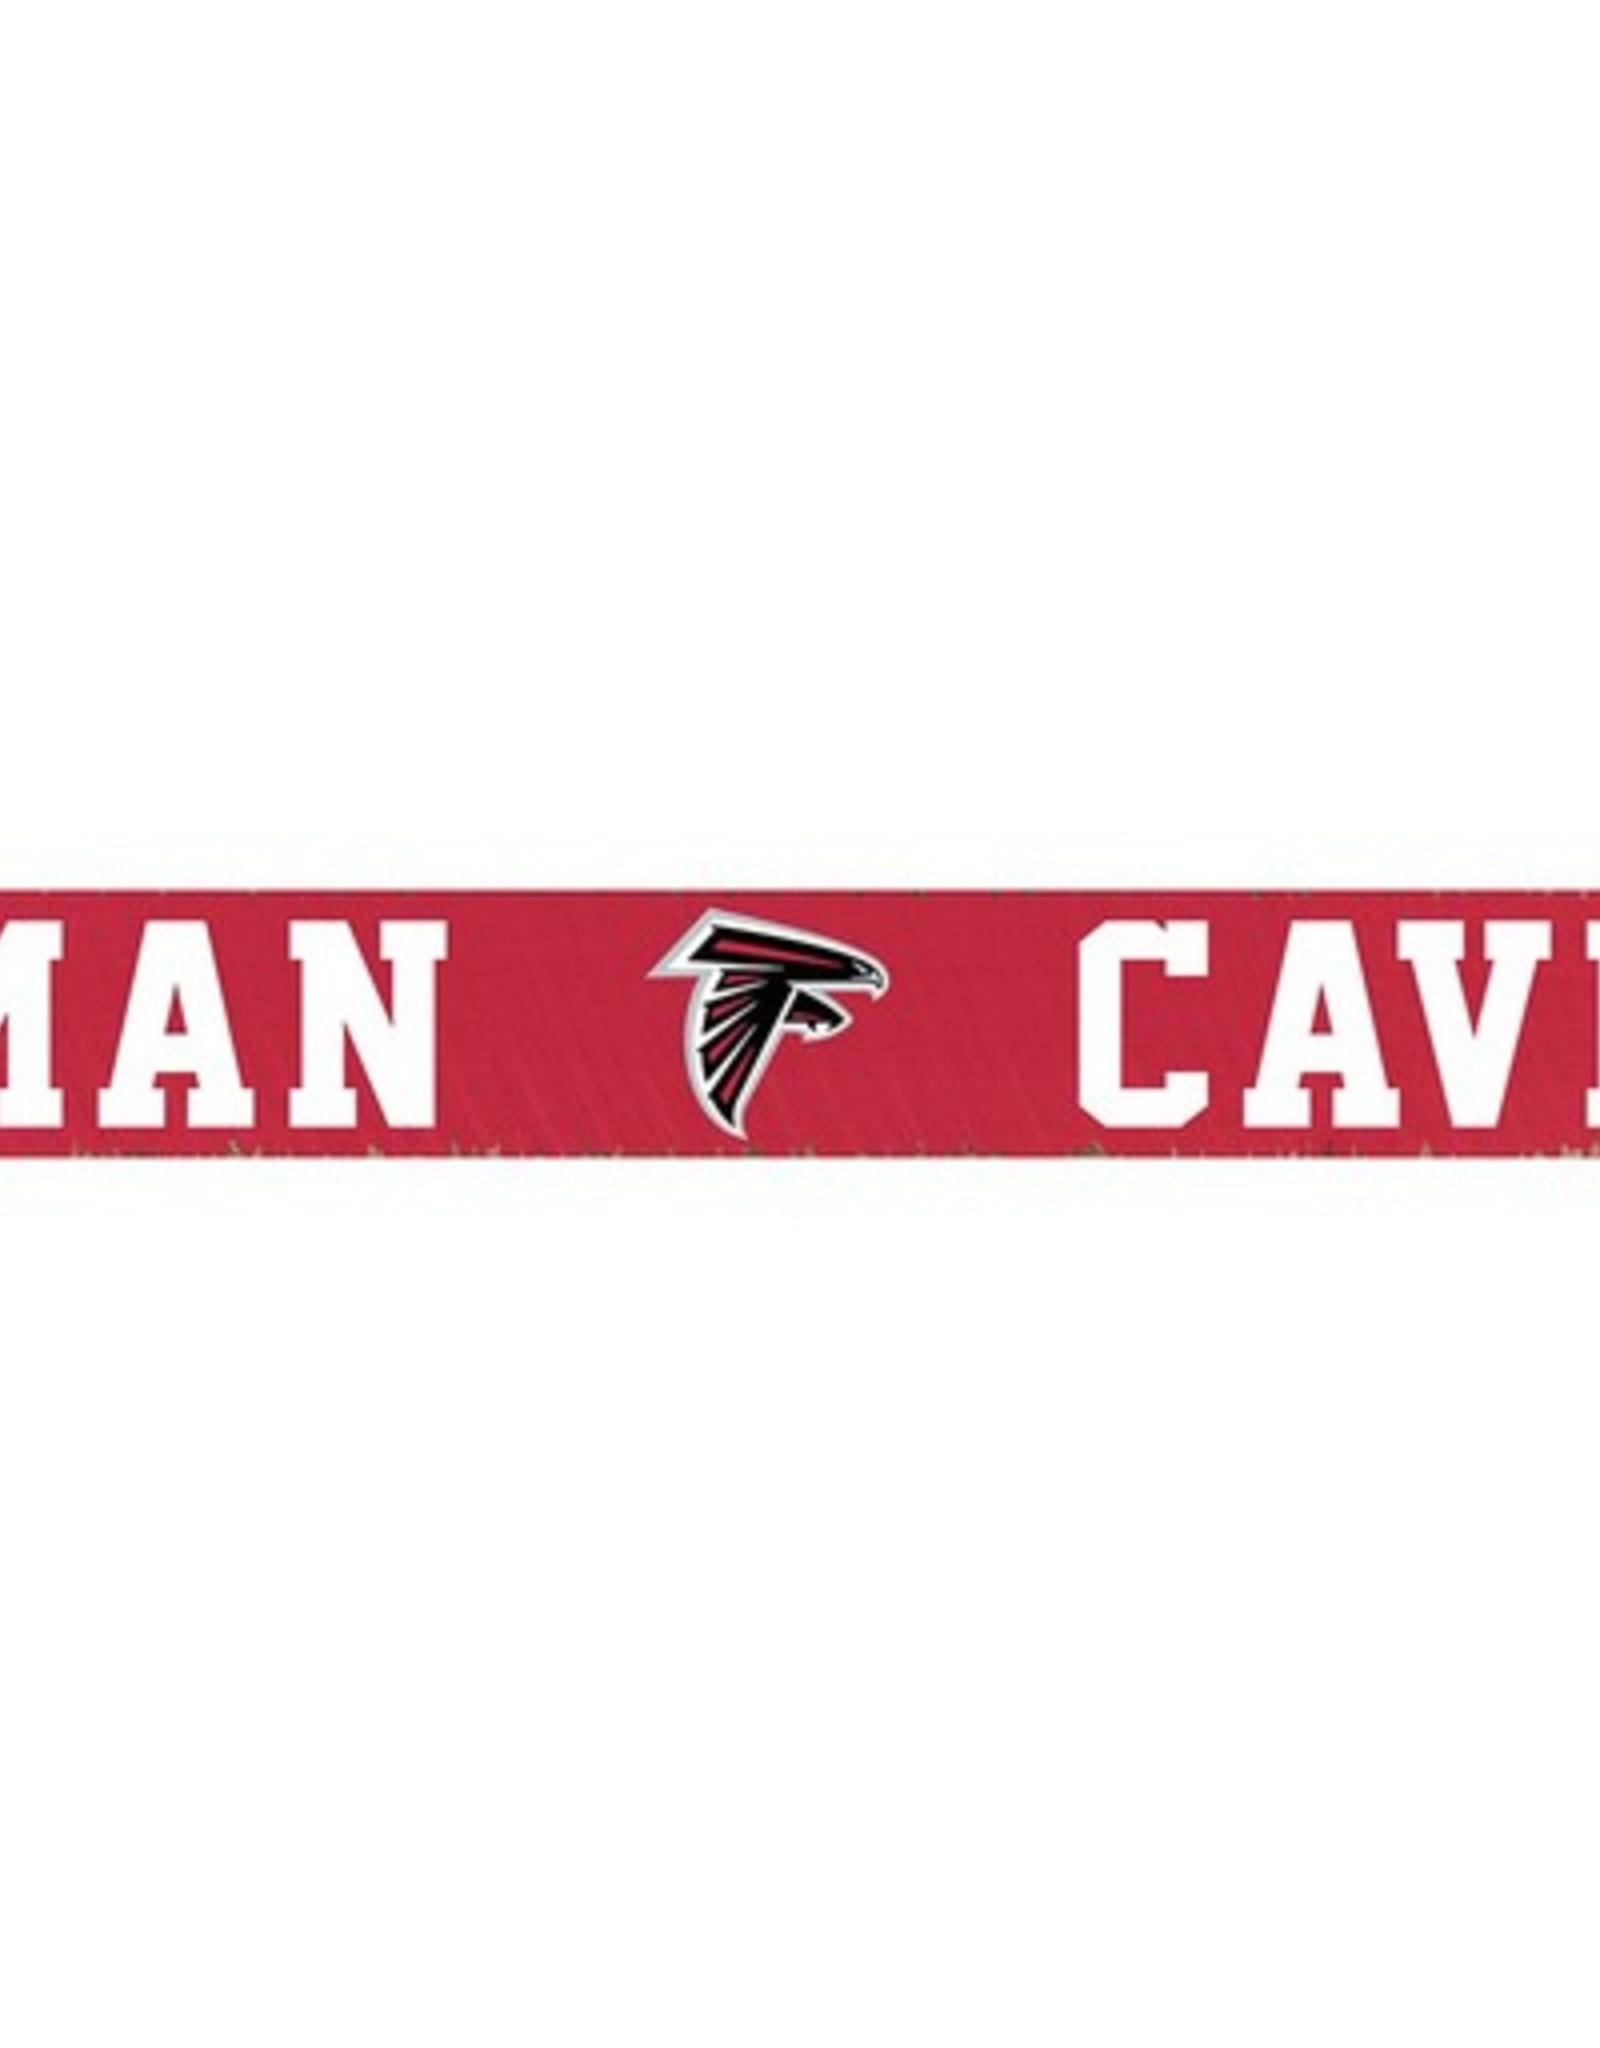 RUSTIC MARLIN Atlanta Falcons Rustic Man Cave Sign